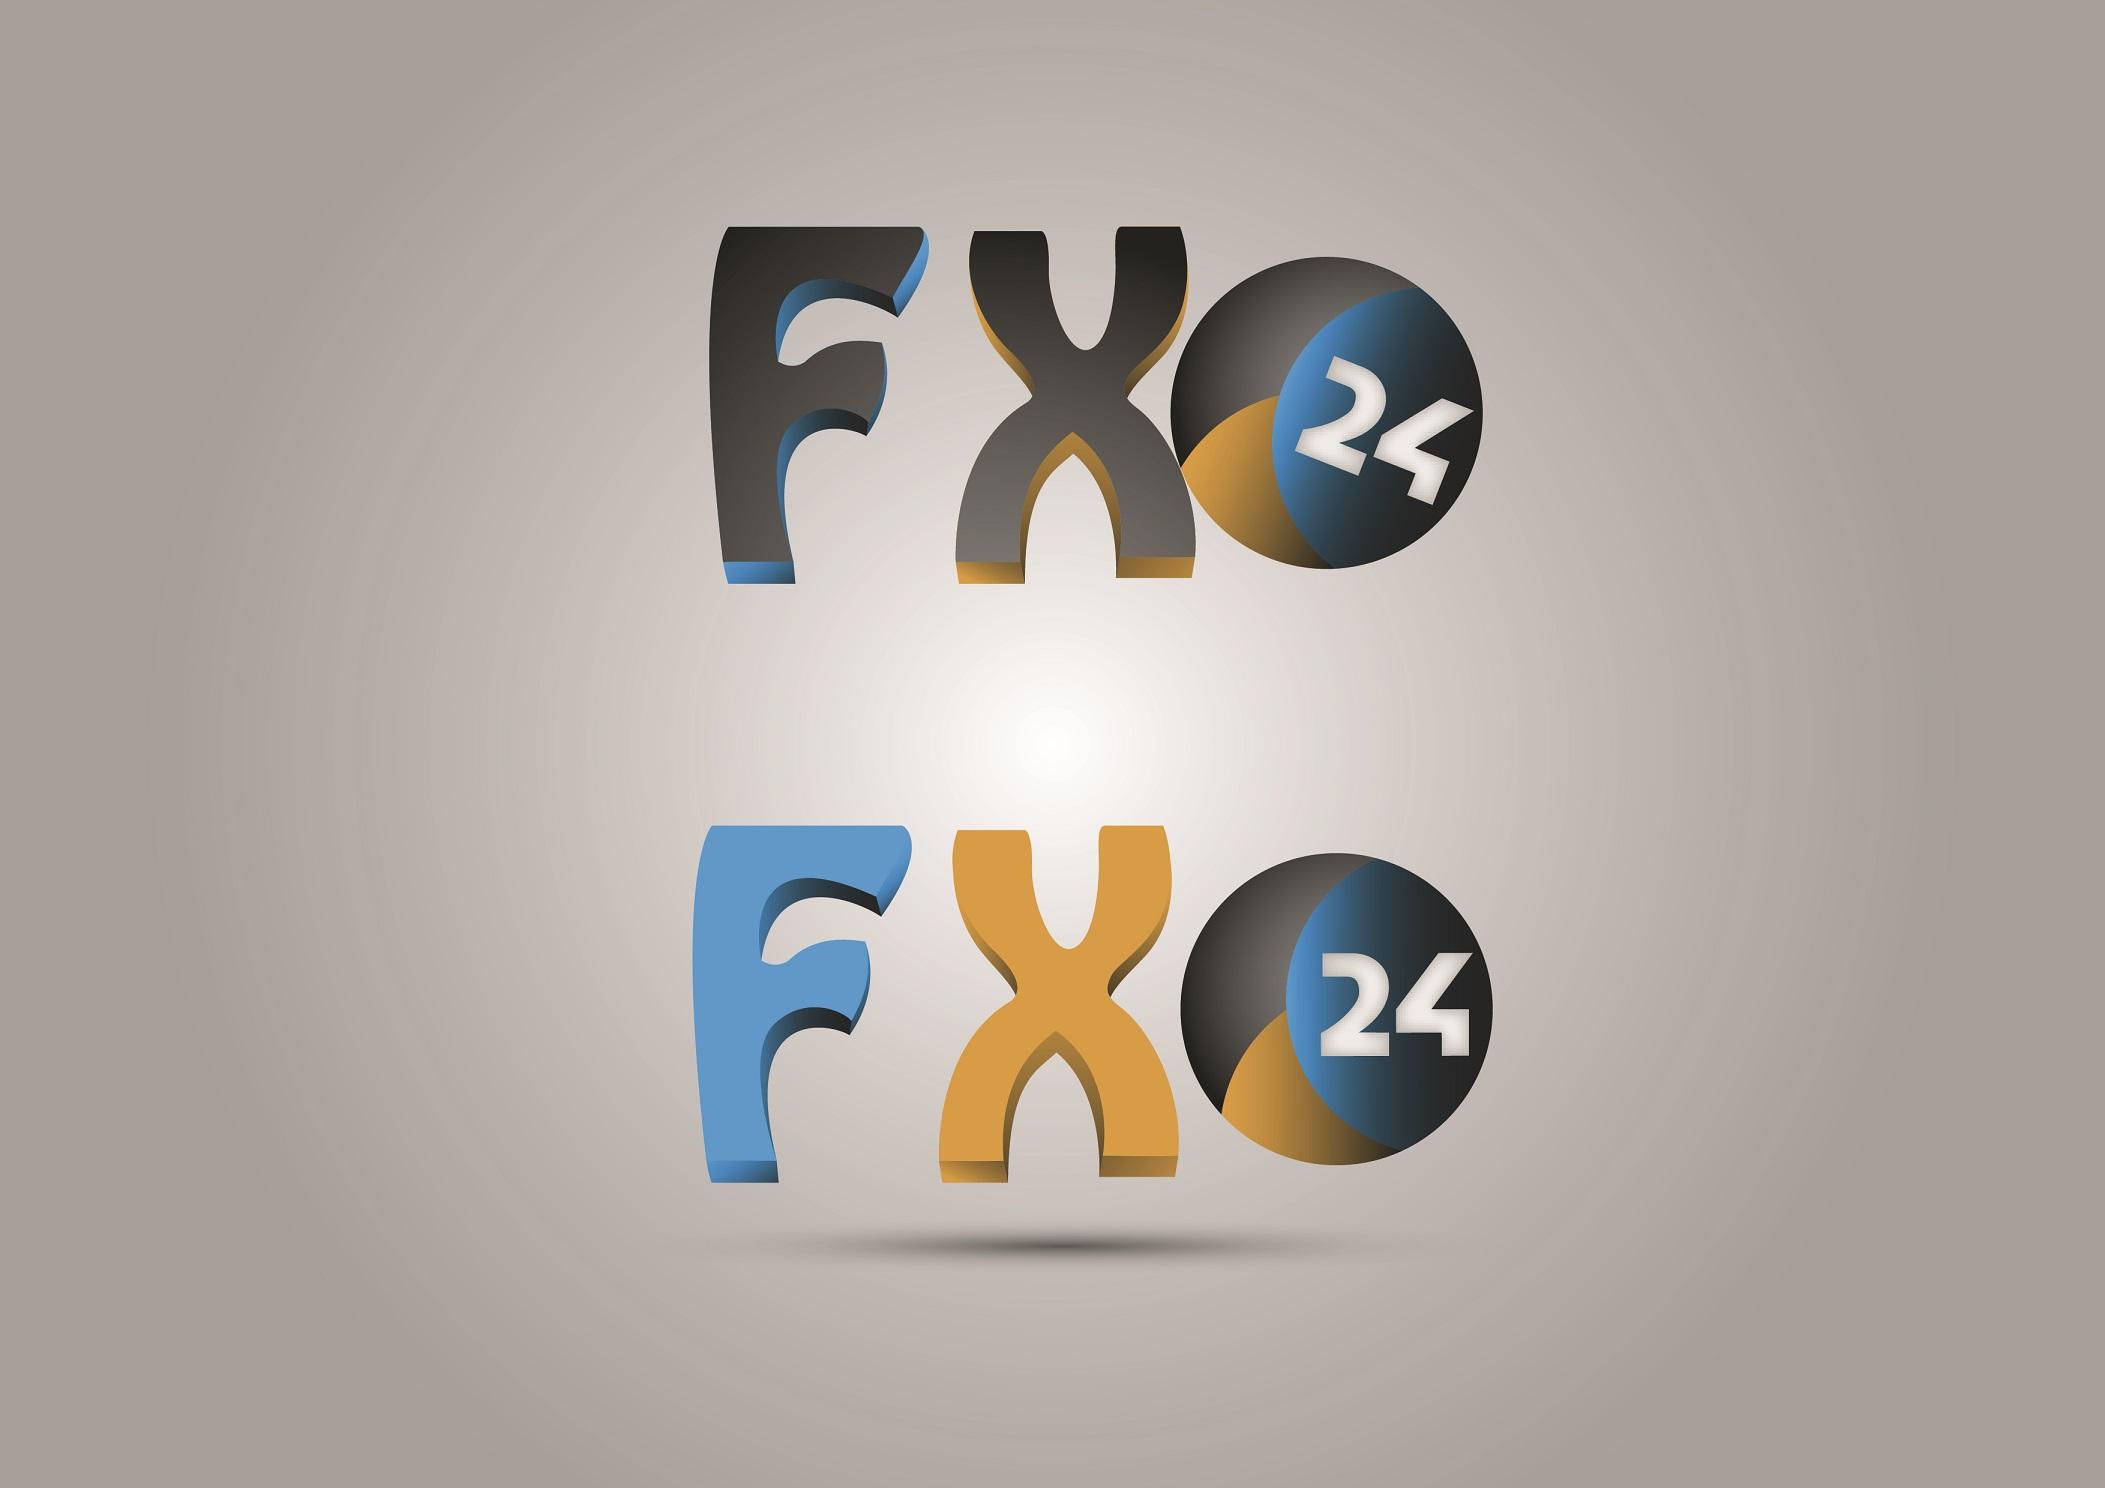 Разработка логотипа компании FX-24 фото f_5605453f5b92be6f.jpg